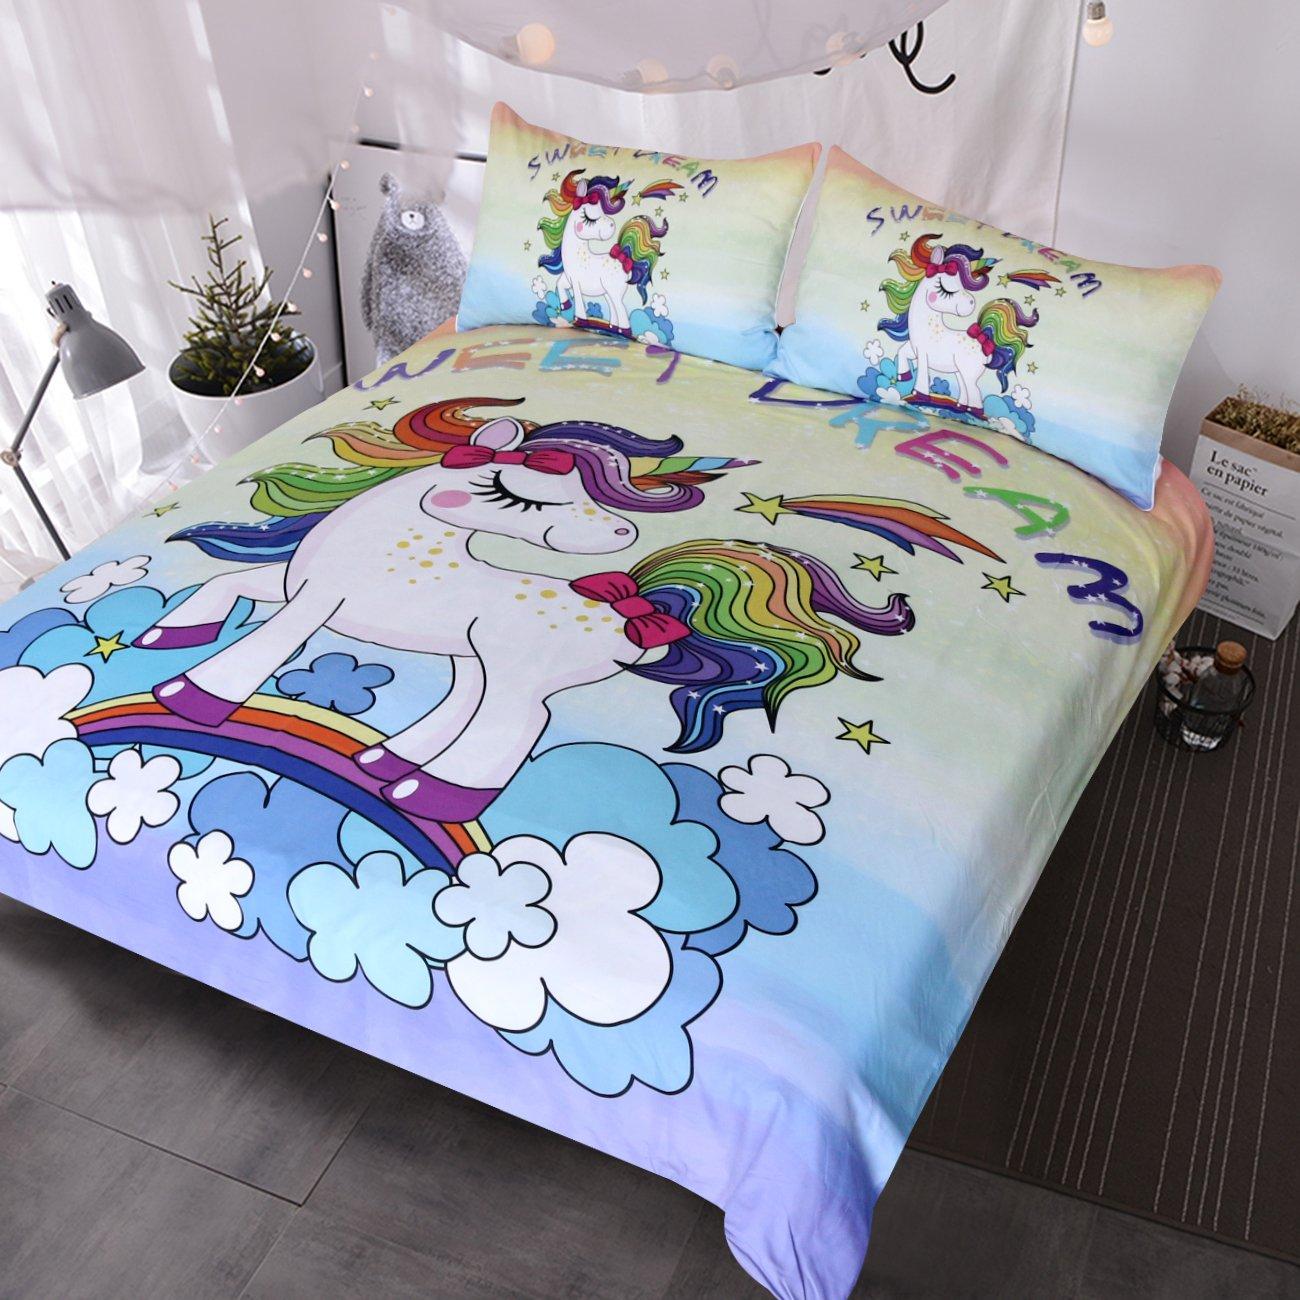 BlessLiving Unicorn Kids Bedding Duvet Cover Set